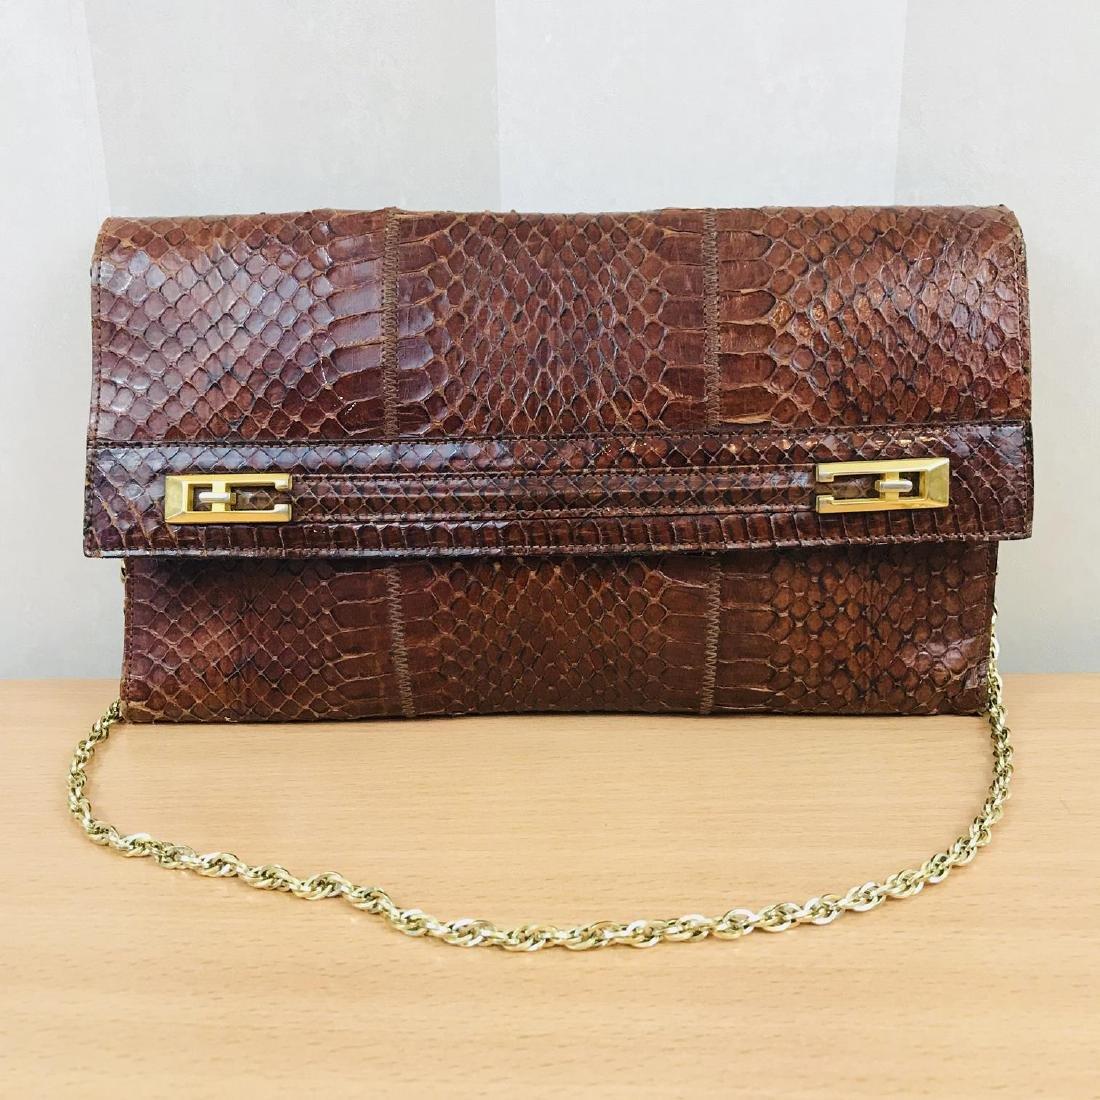 Vintage Handmade Genuine Snake Skin Leather Clutch Bag